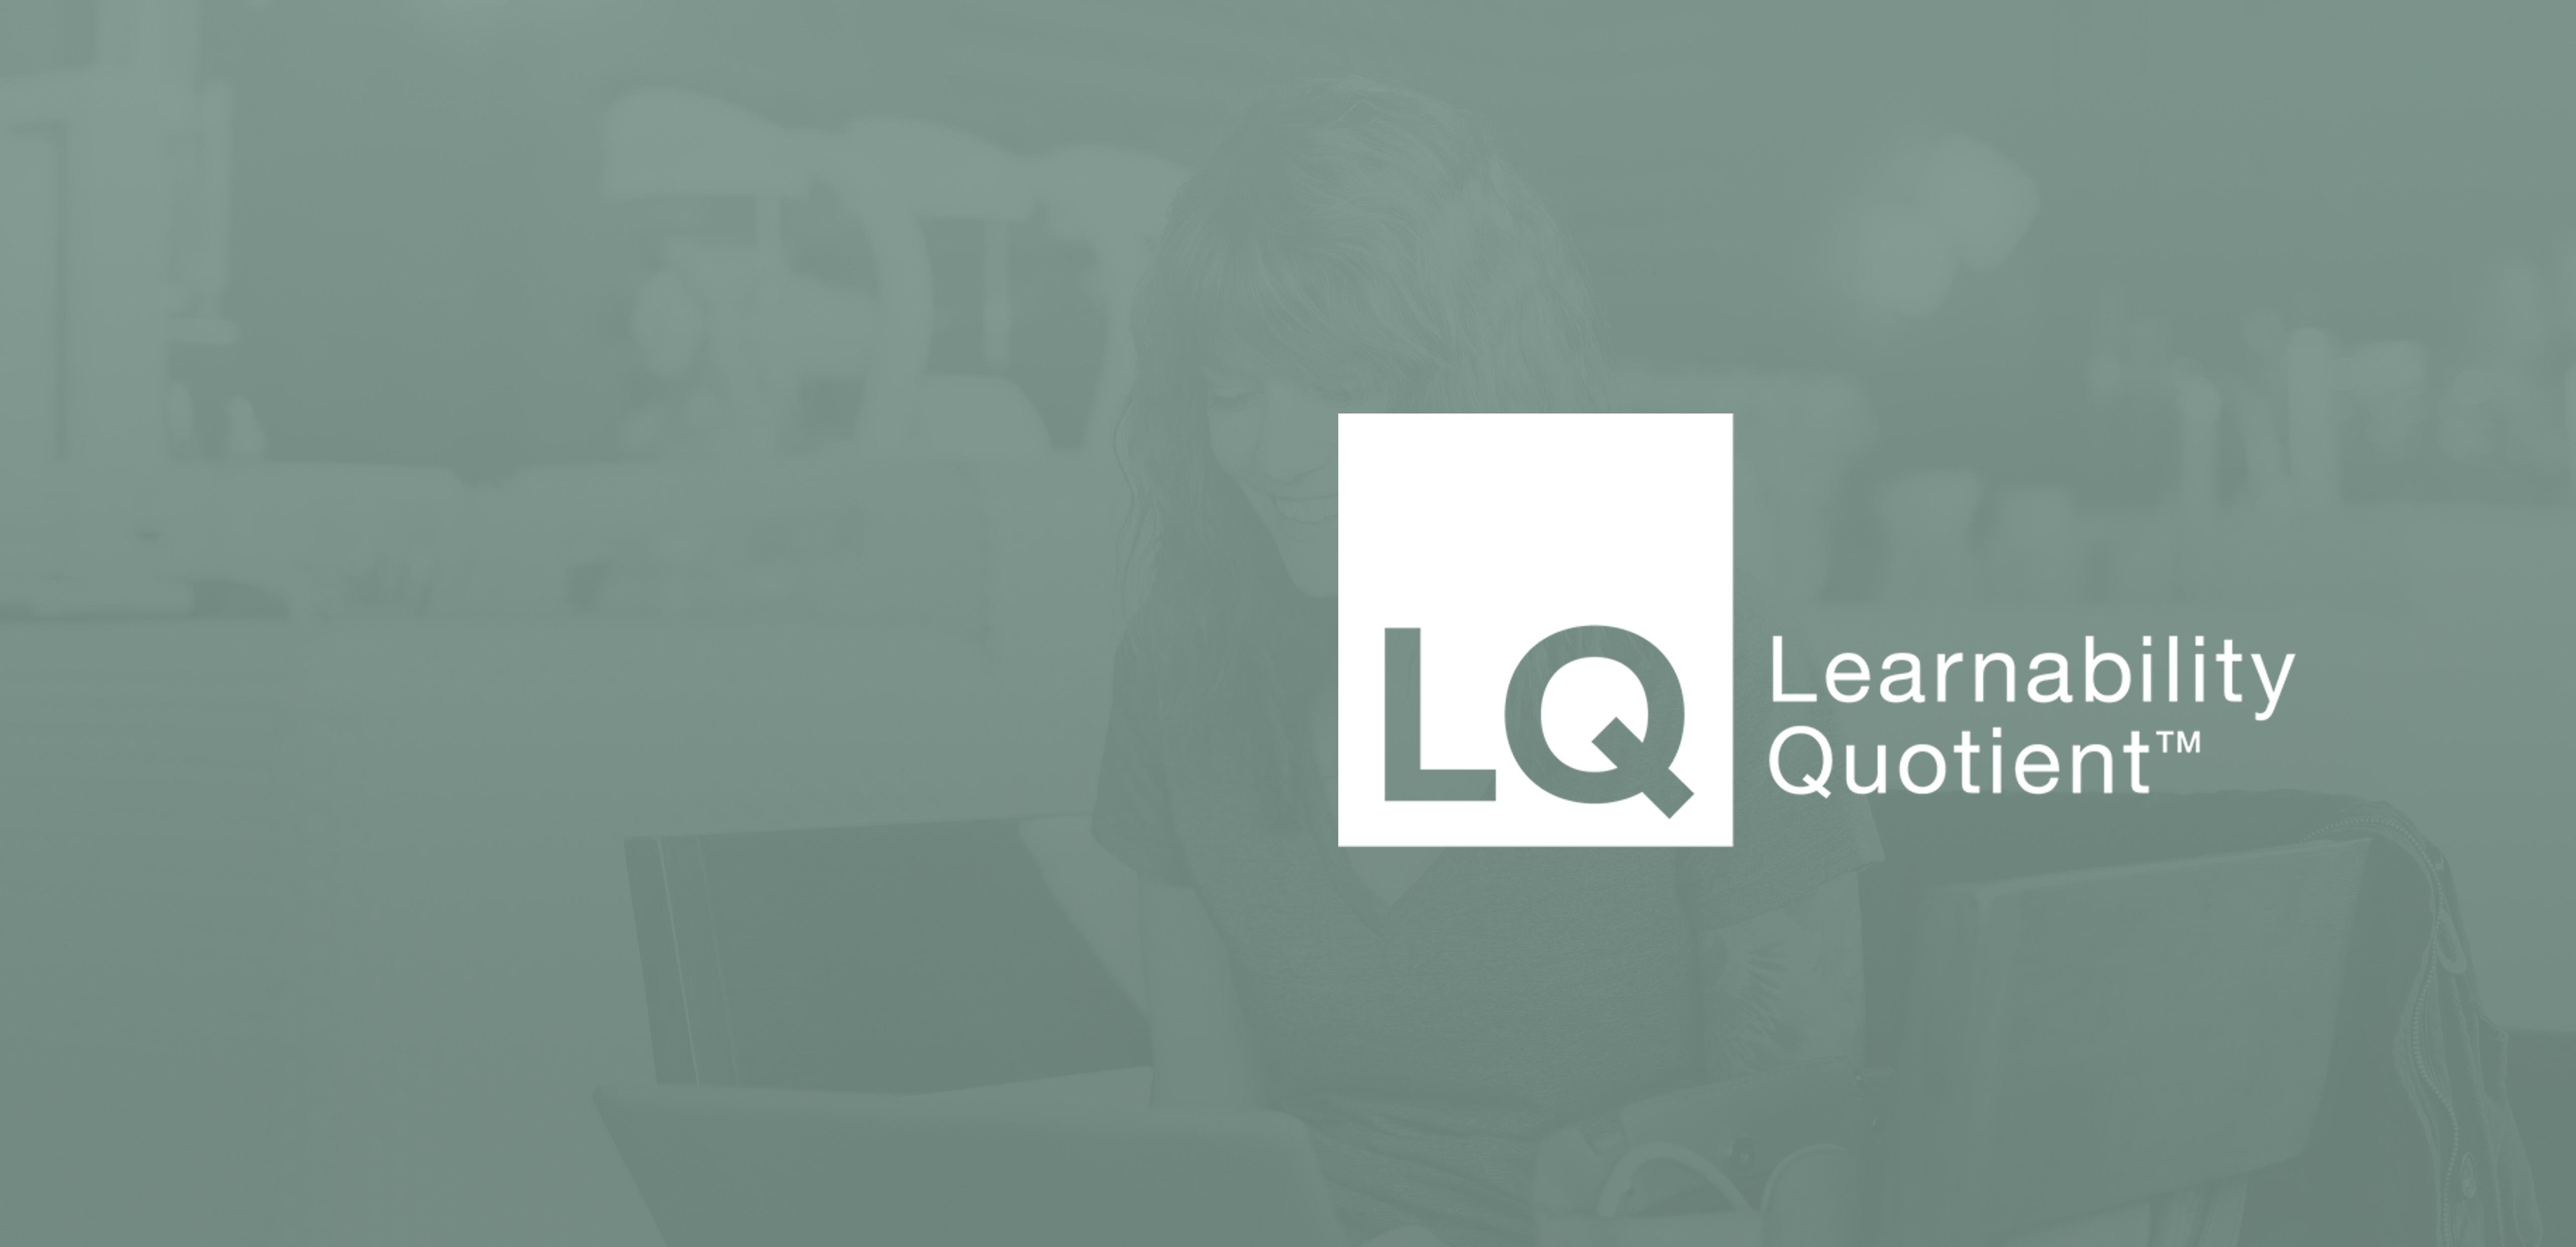 #HowILearn : ManpowerGroup se mobilise pour la première édition mondiale de la Learnability Week